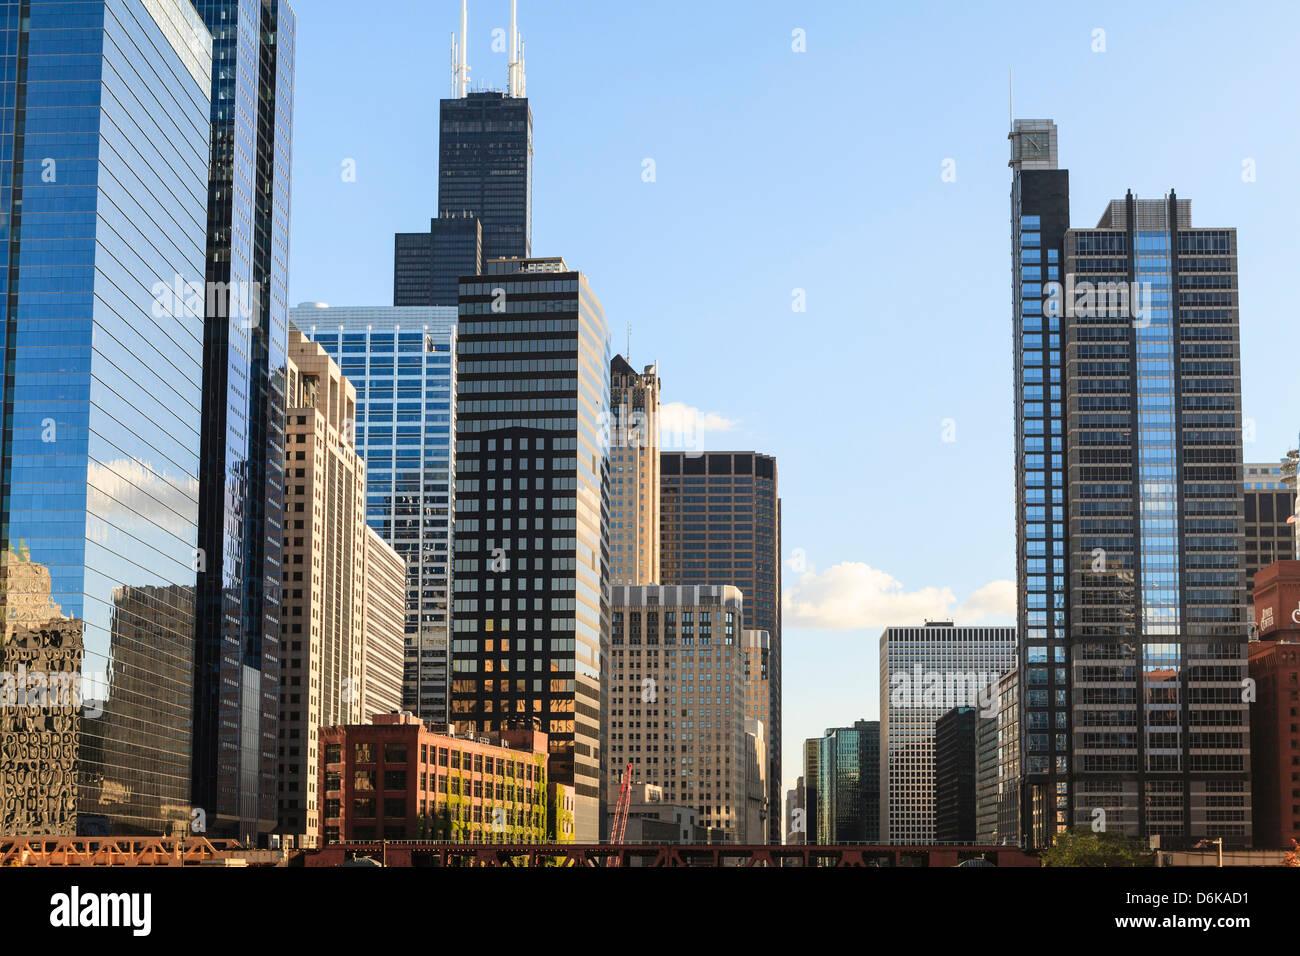 Des gratte-ciel, Chicago, Illinois, États-Unis d'Amérique, Amérique du Nord Photo Stock